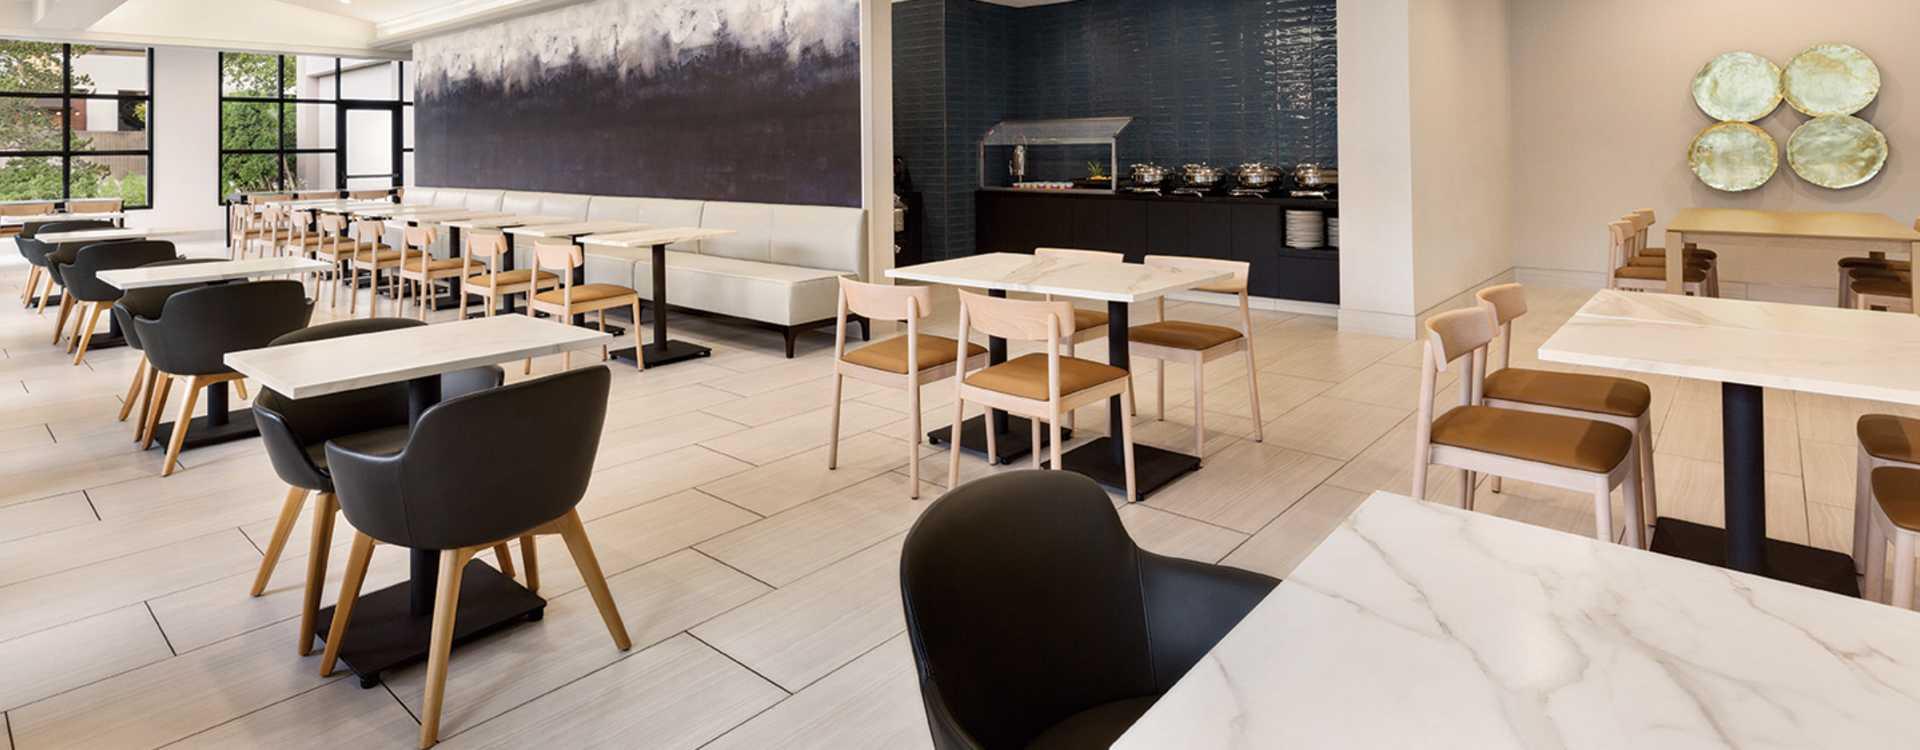 Radisson Hotel Seattle Airport Breakfast Area